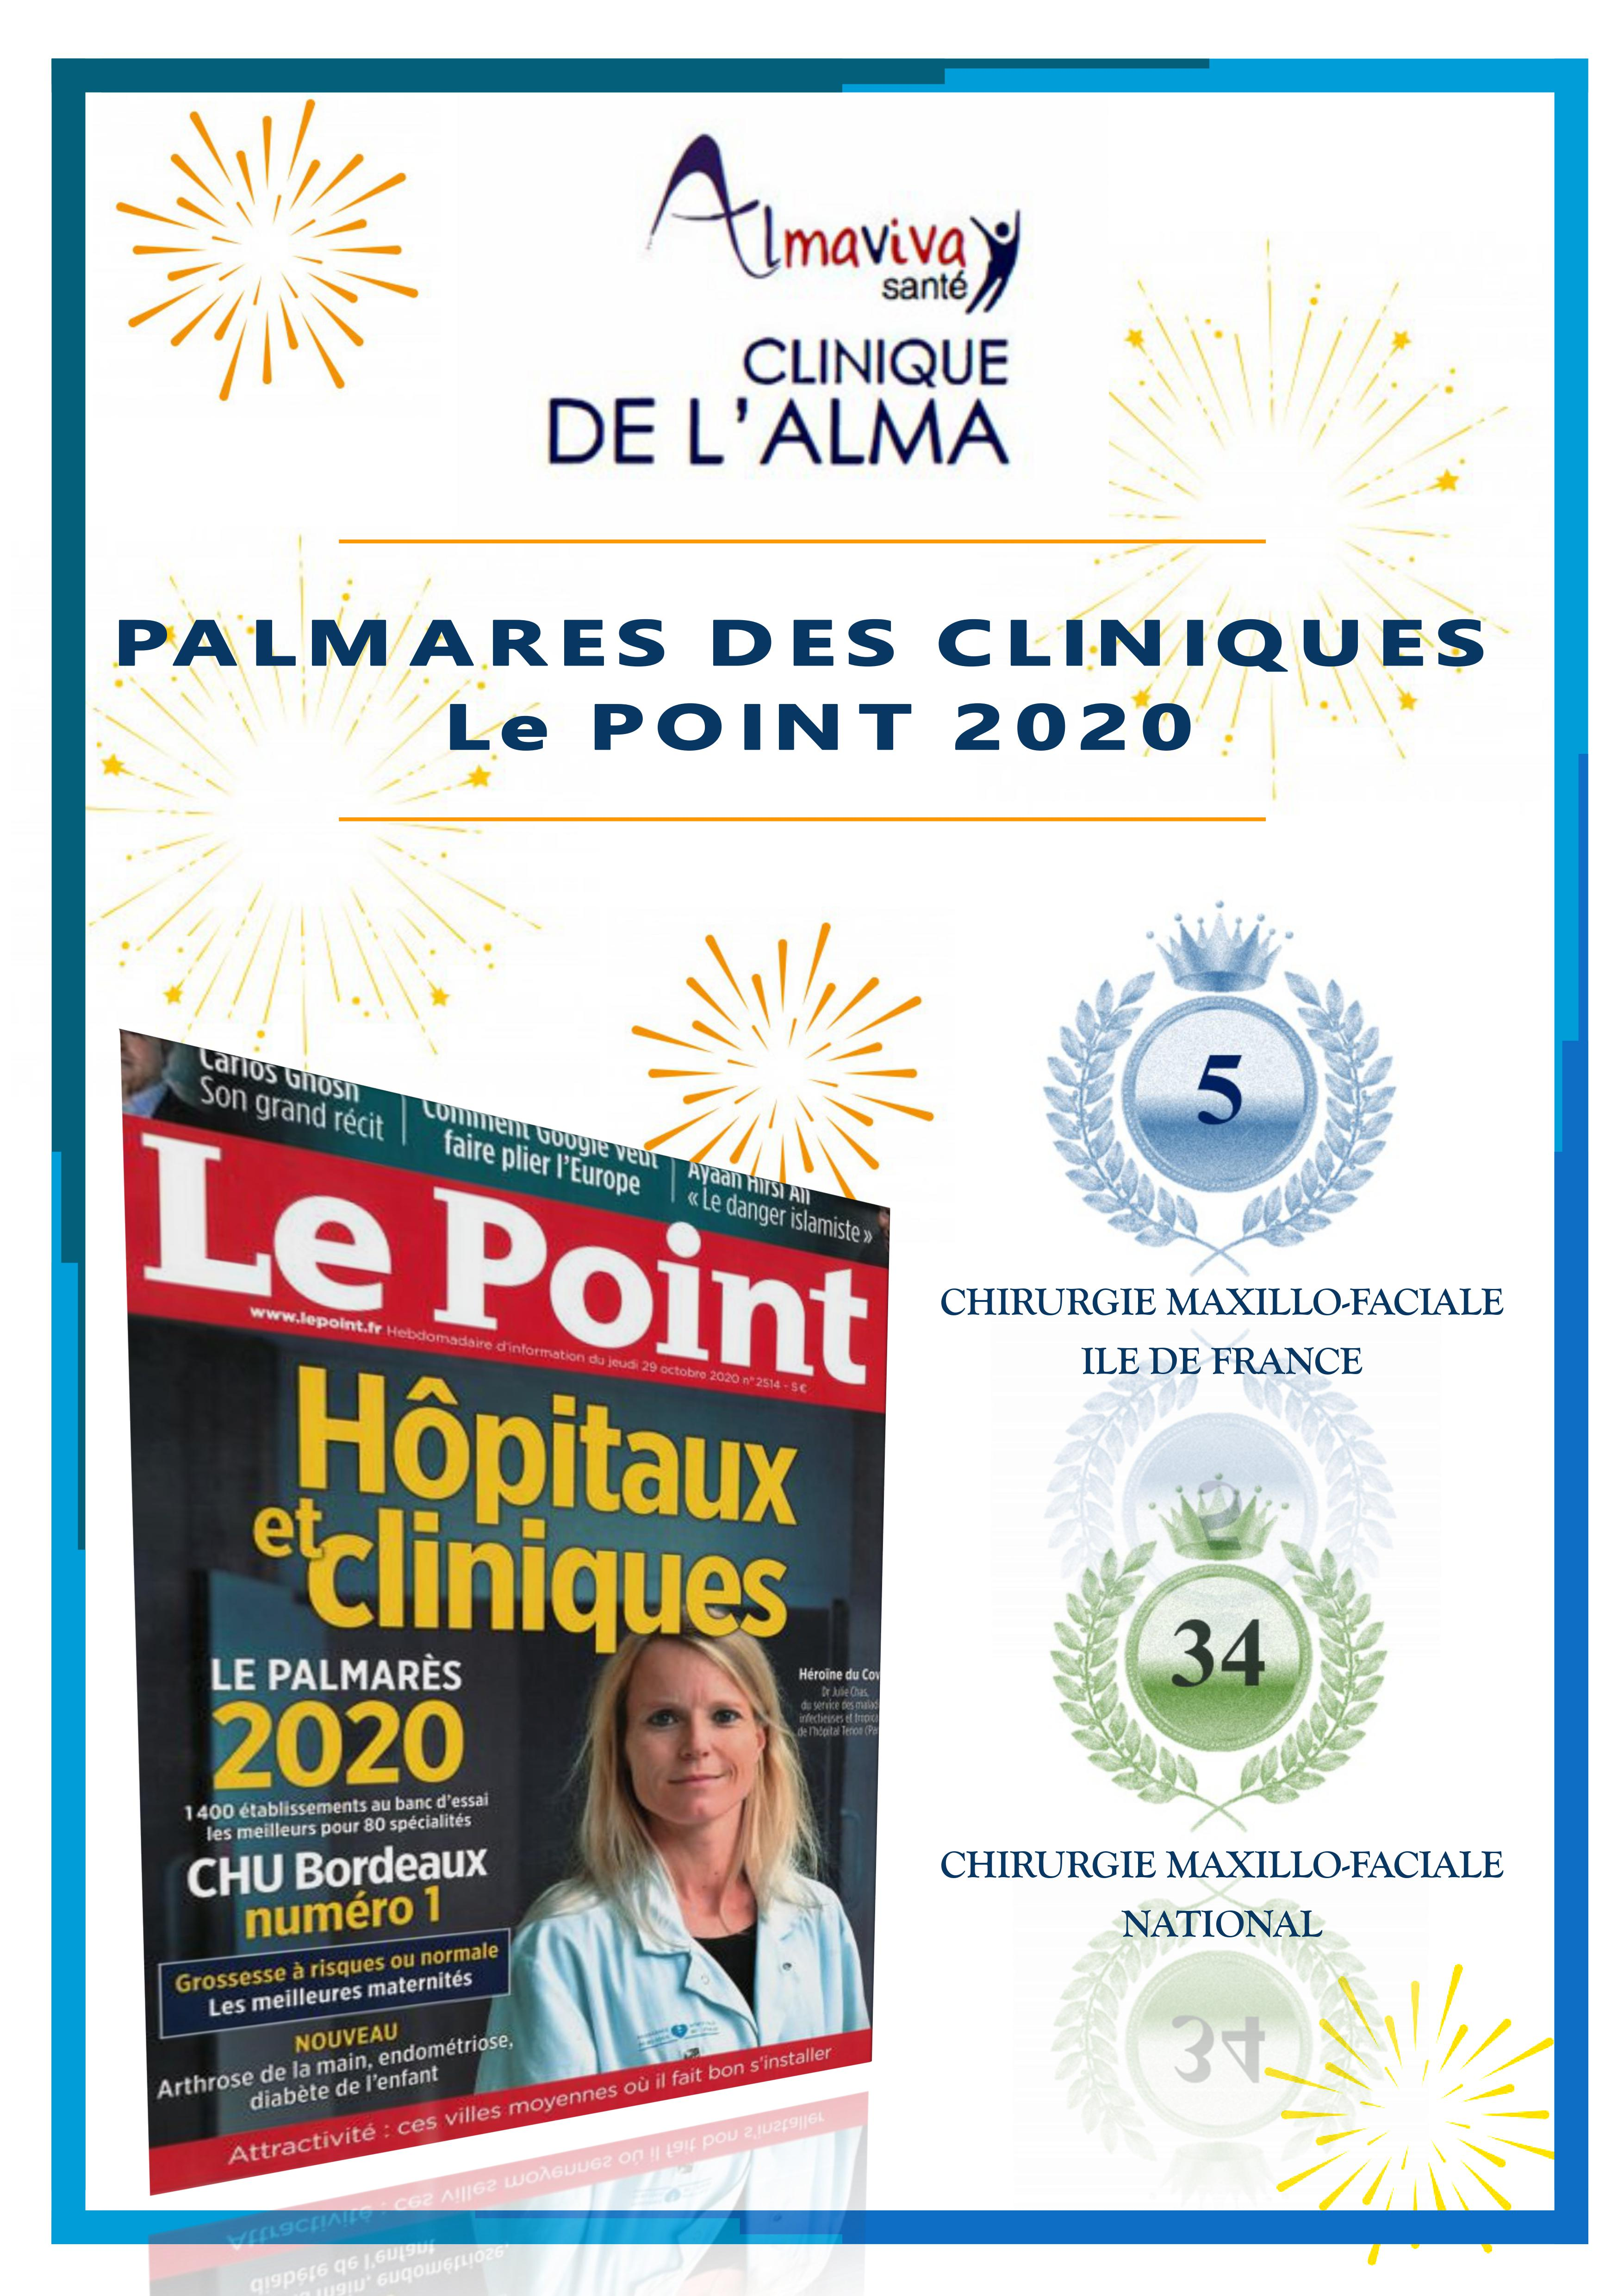 CLASSEMENT DES CLINIQUES 2020 - LE POINT